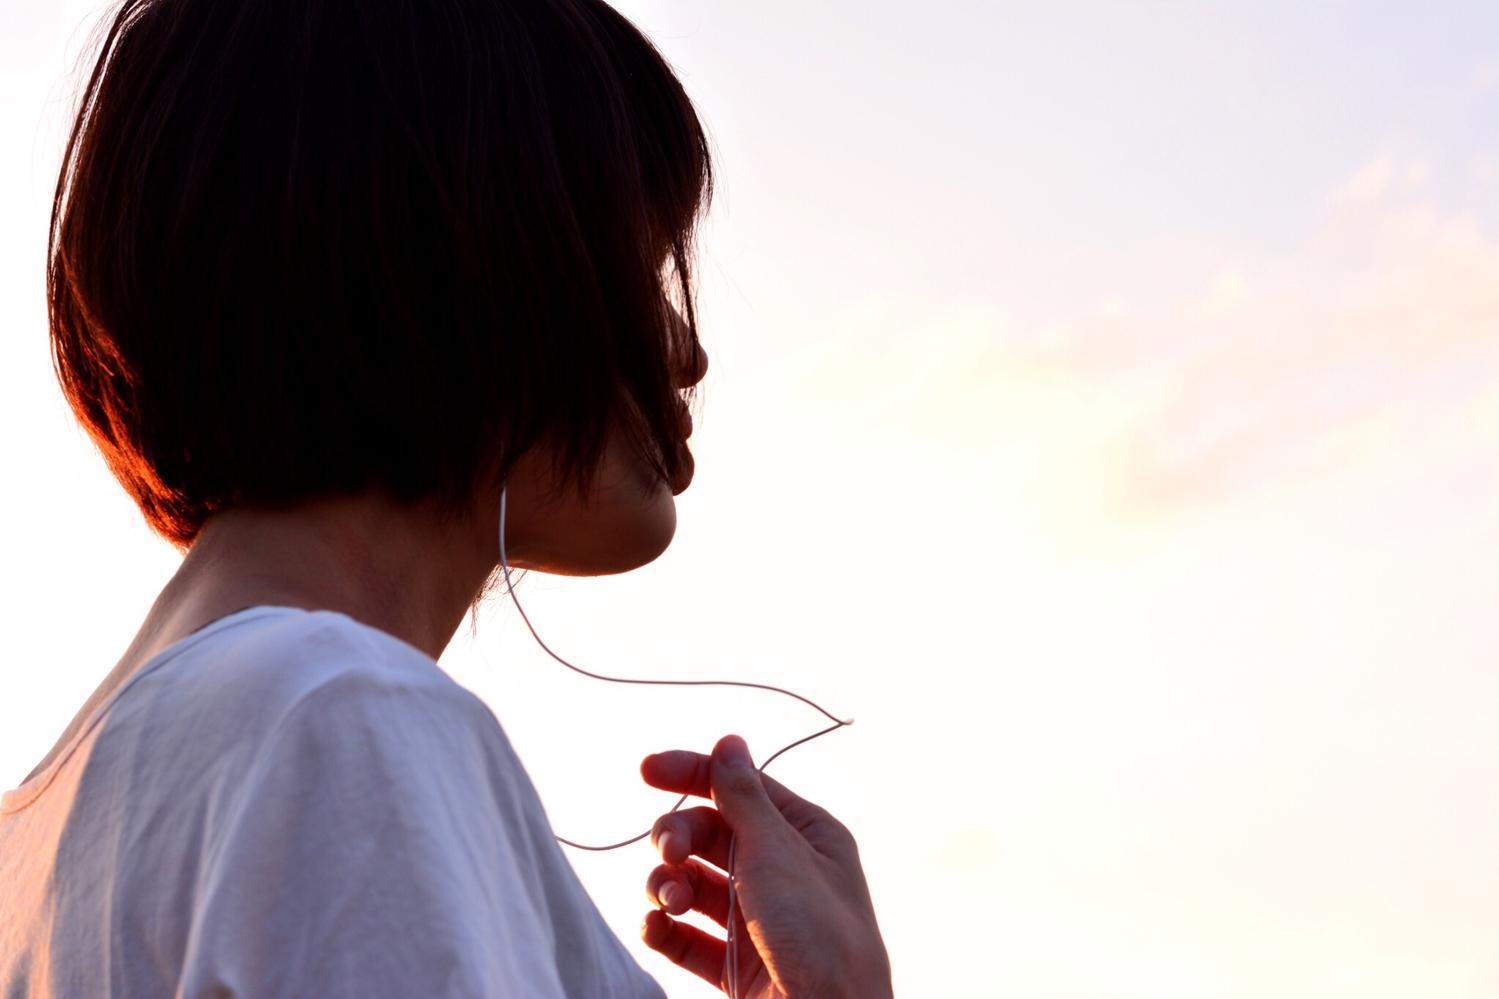 音楽を聴きながら散歩すると楽しい!